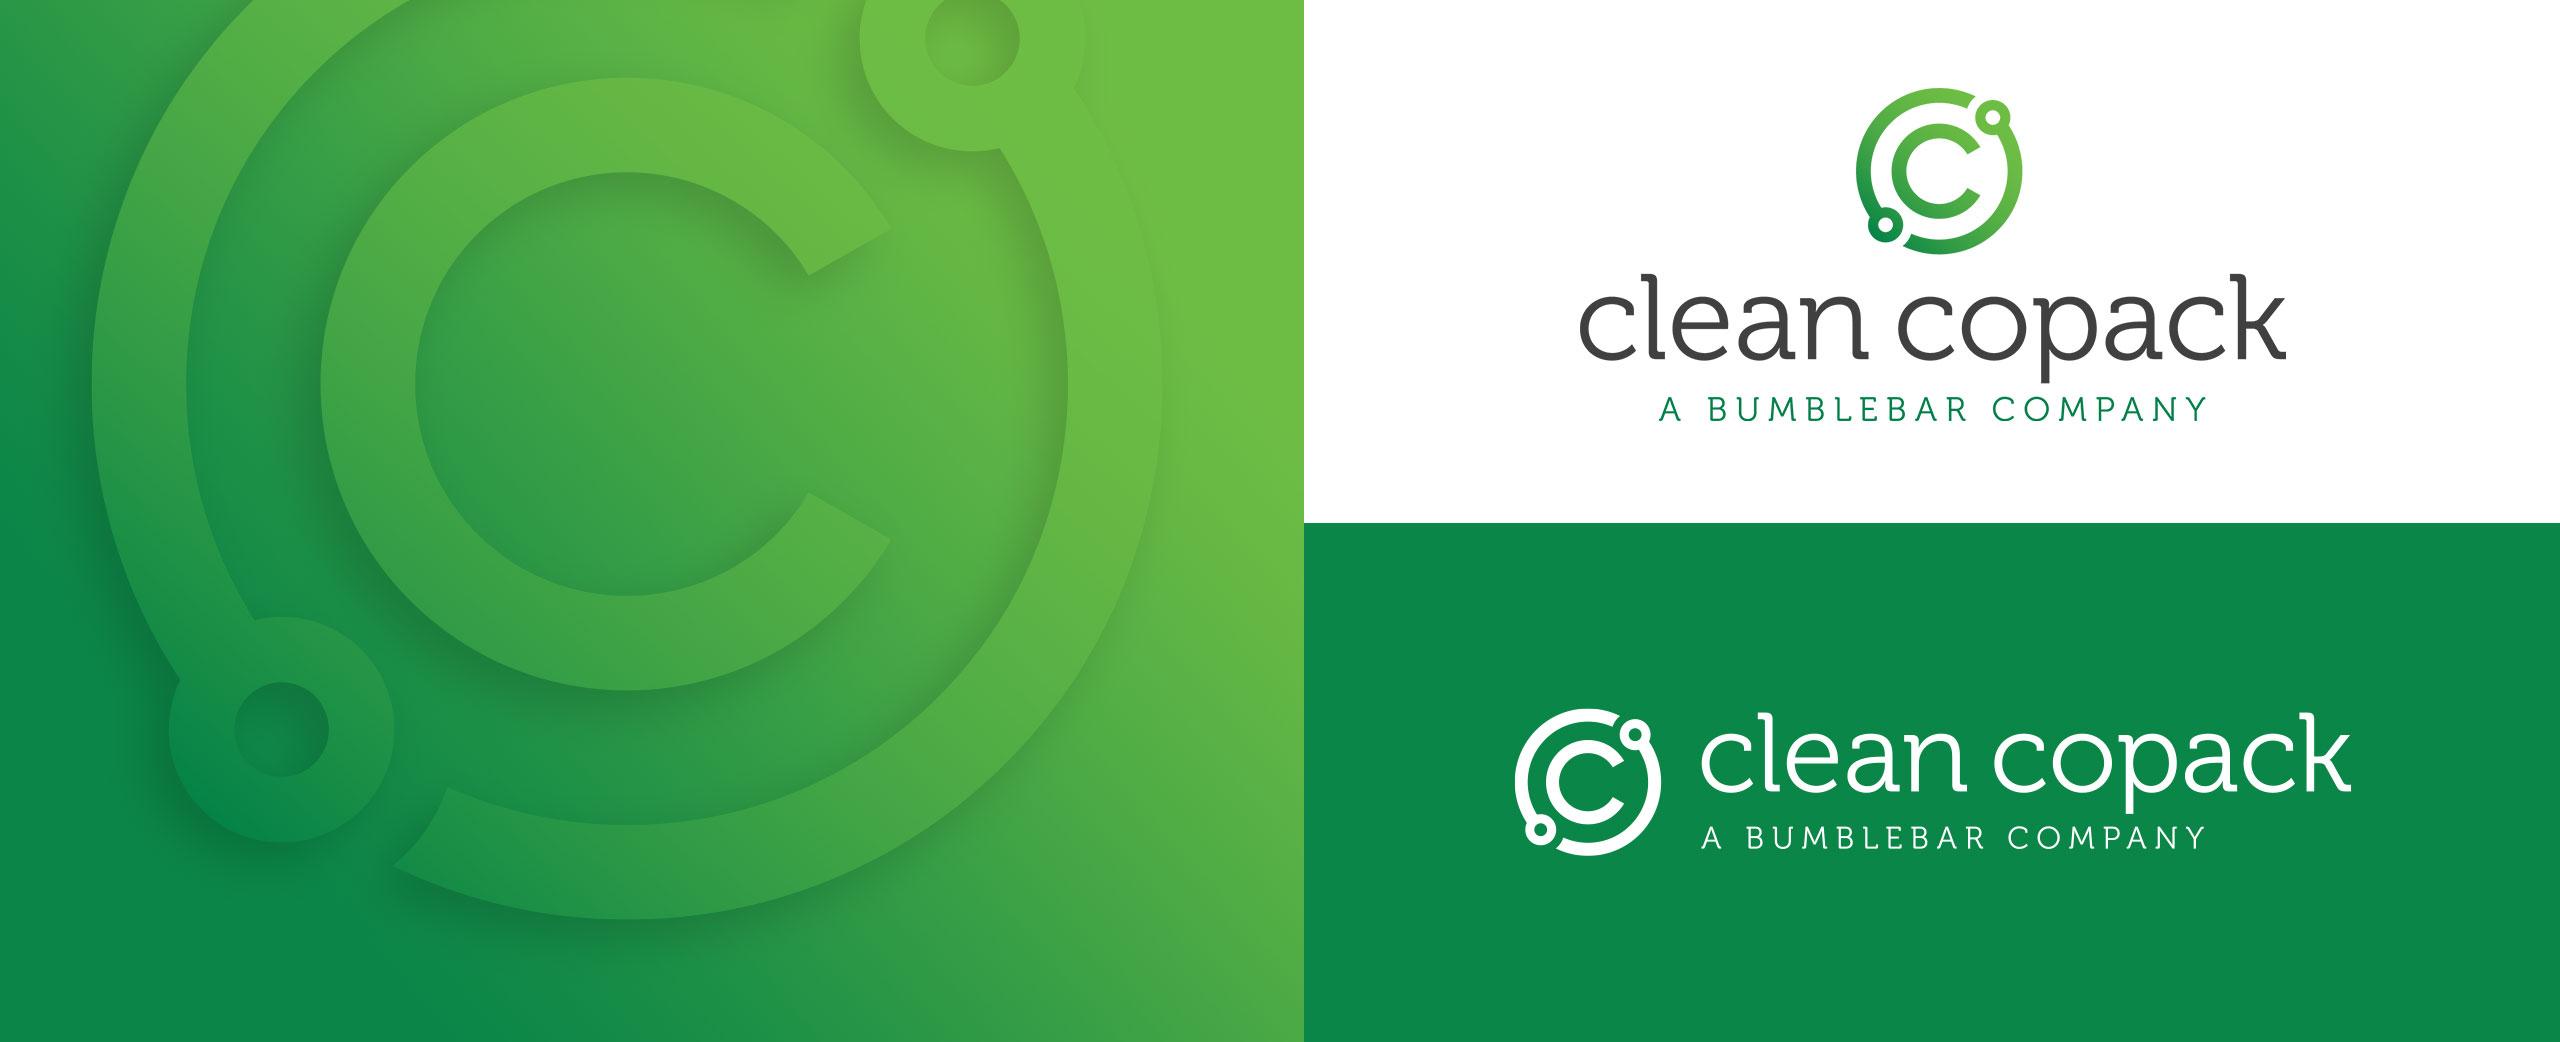 clean-copack-branding